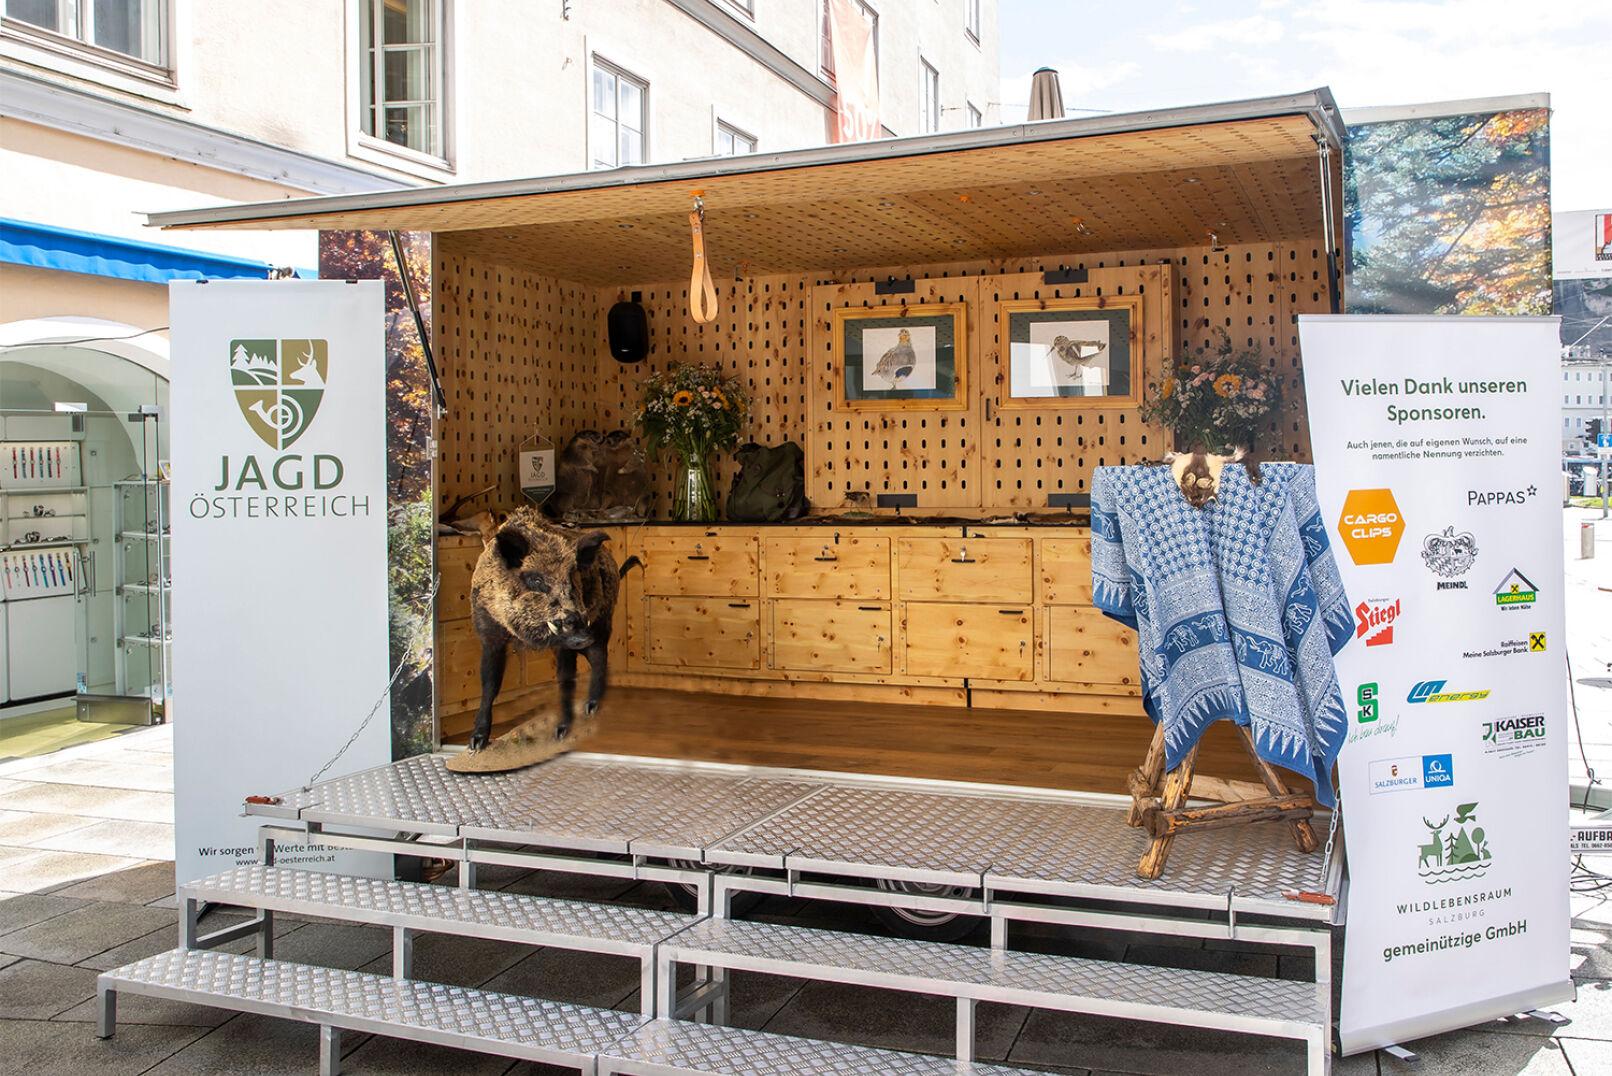 Präsentation der Jägerinnenjacke in Salzburg